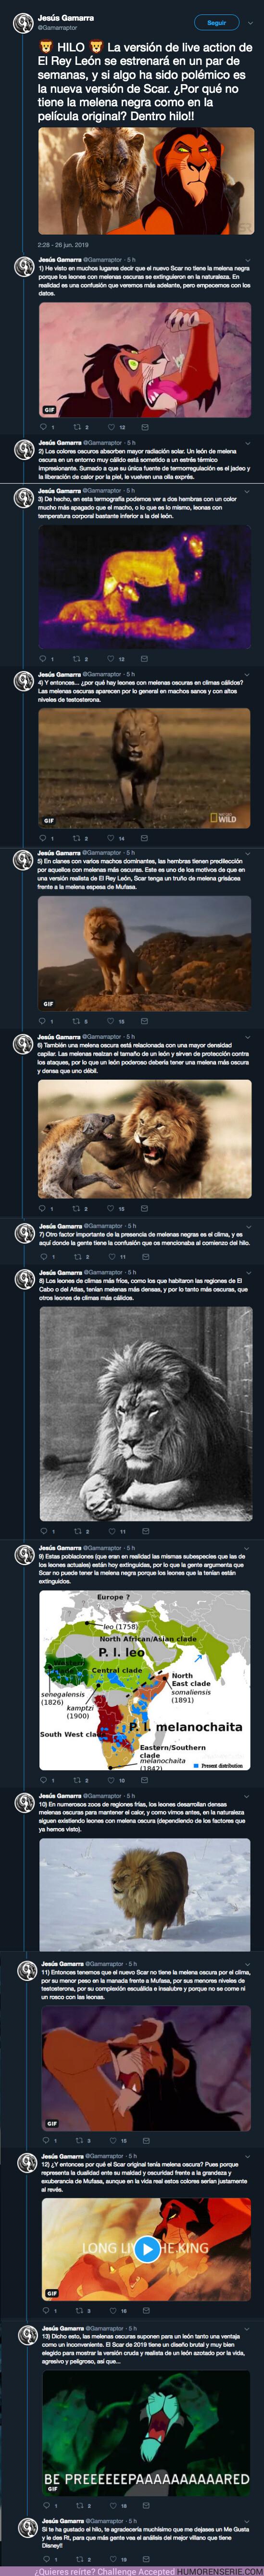 39518 - Este hilo cierra el debate sobre la polémica de Scar en el live action de El Rey León